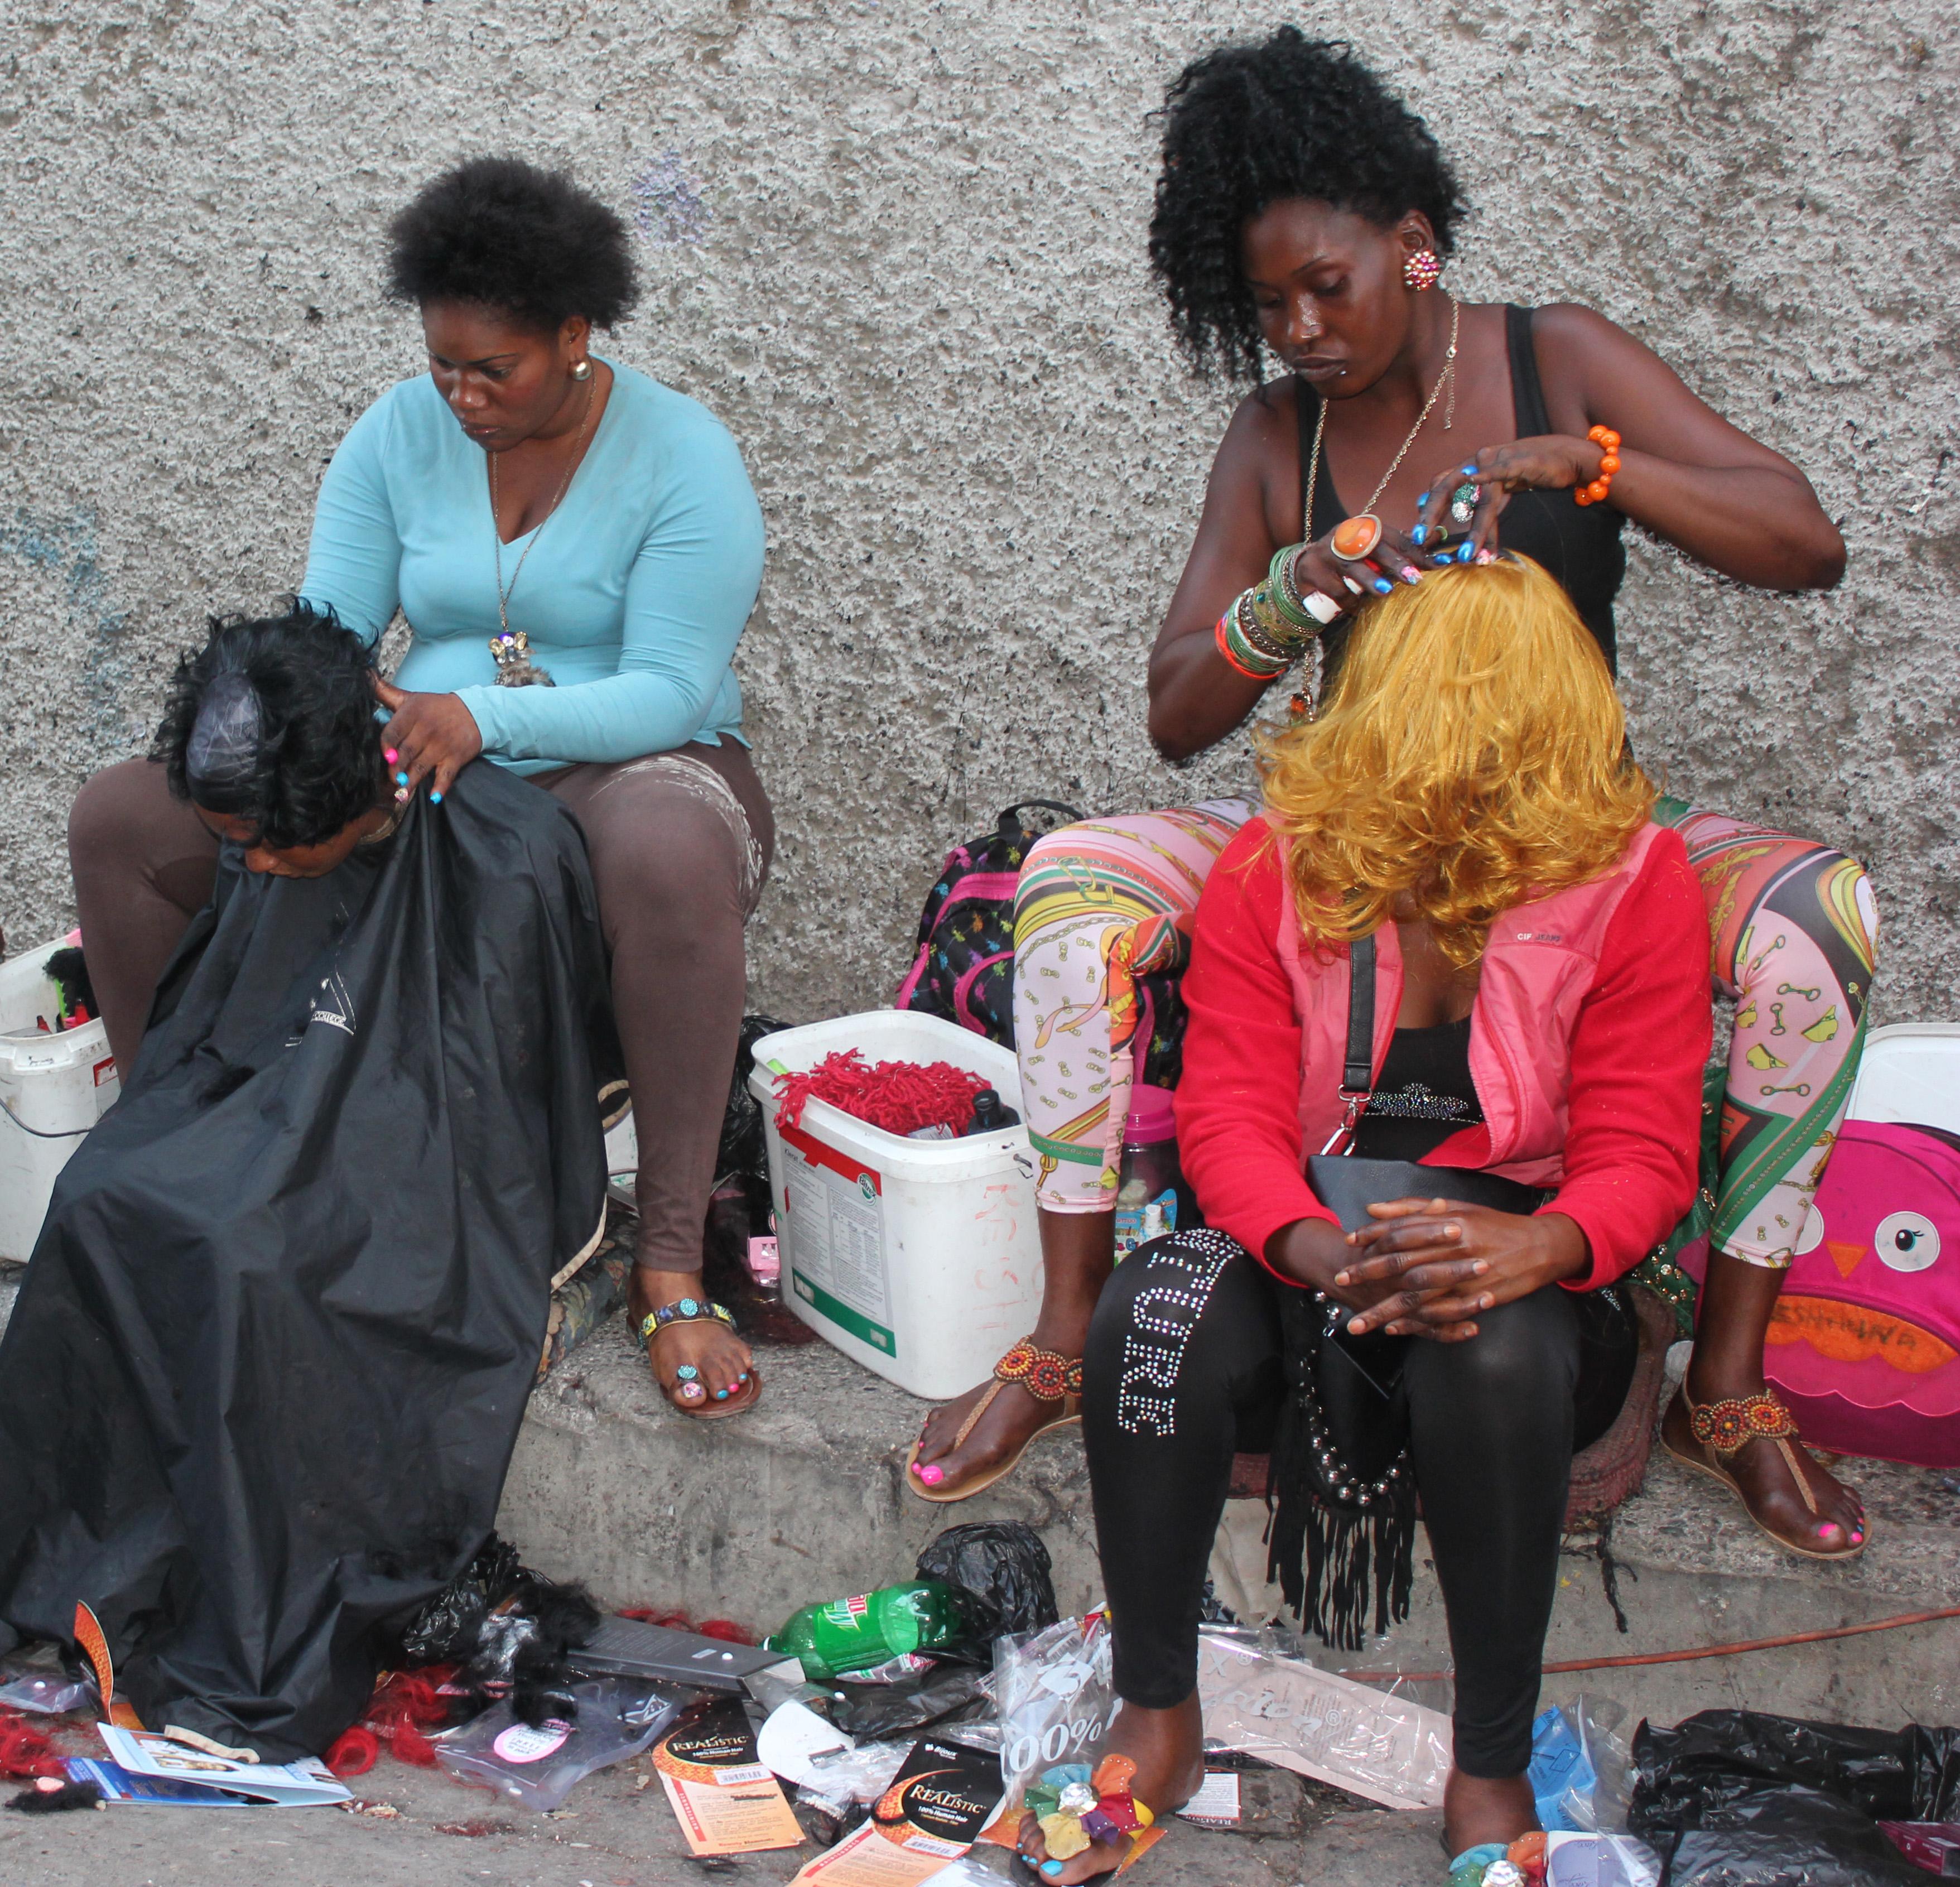 Hairdresser In Jamaica